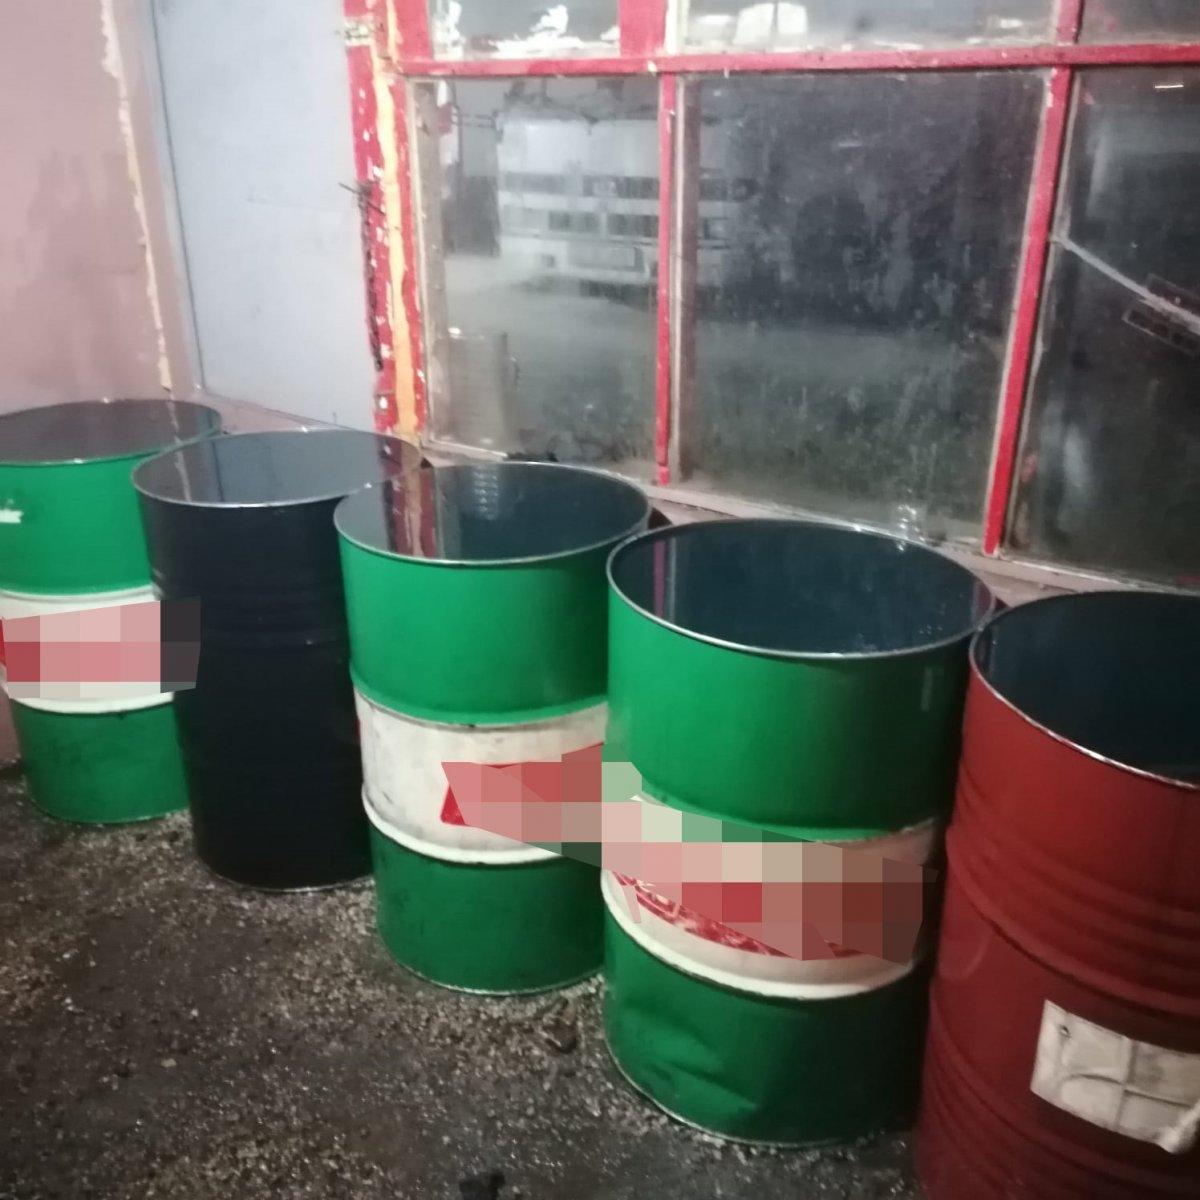 Niğde'deki oto lastik dükkanında 10 ton kaçak akaryakıt ele geçirildi #1